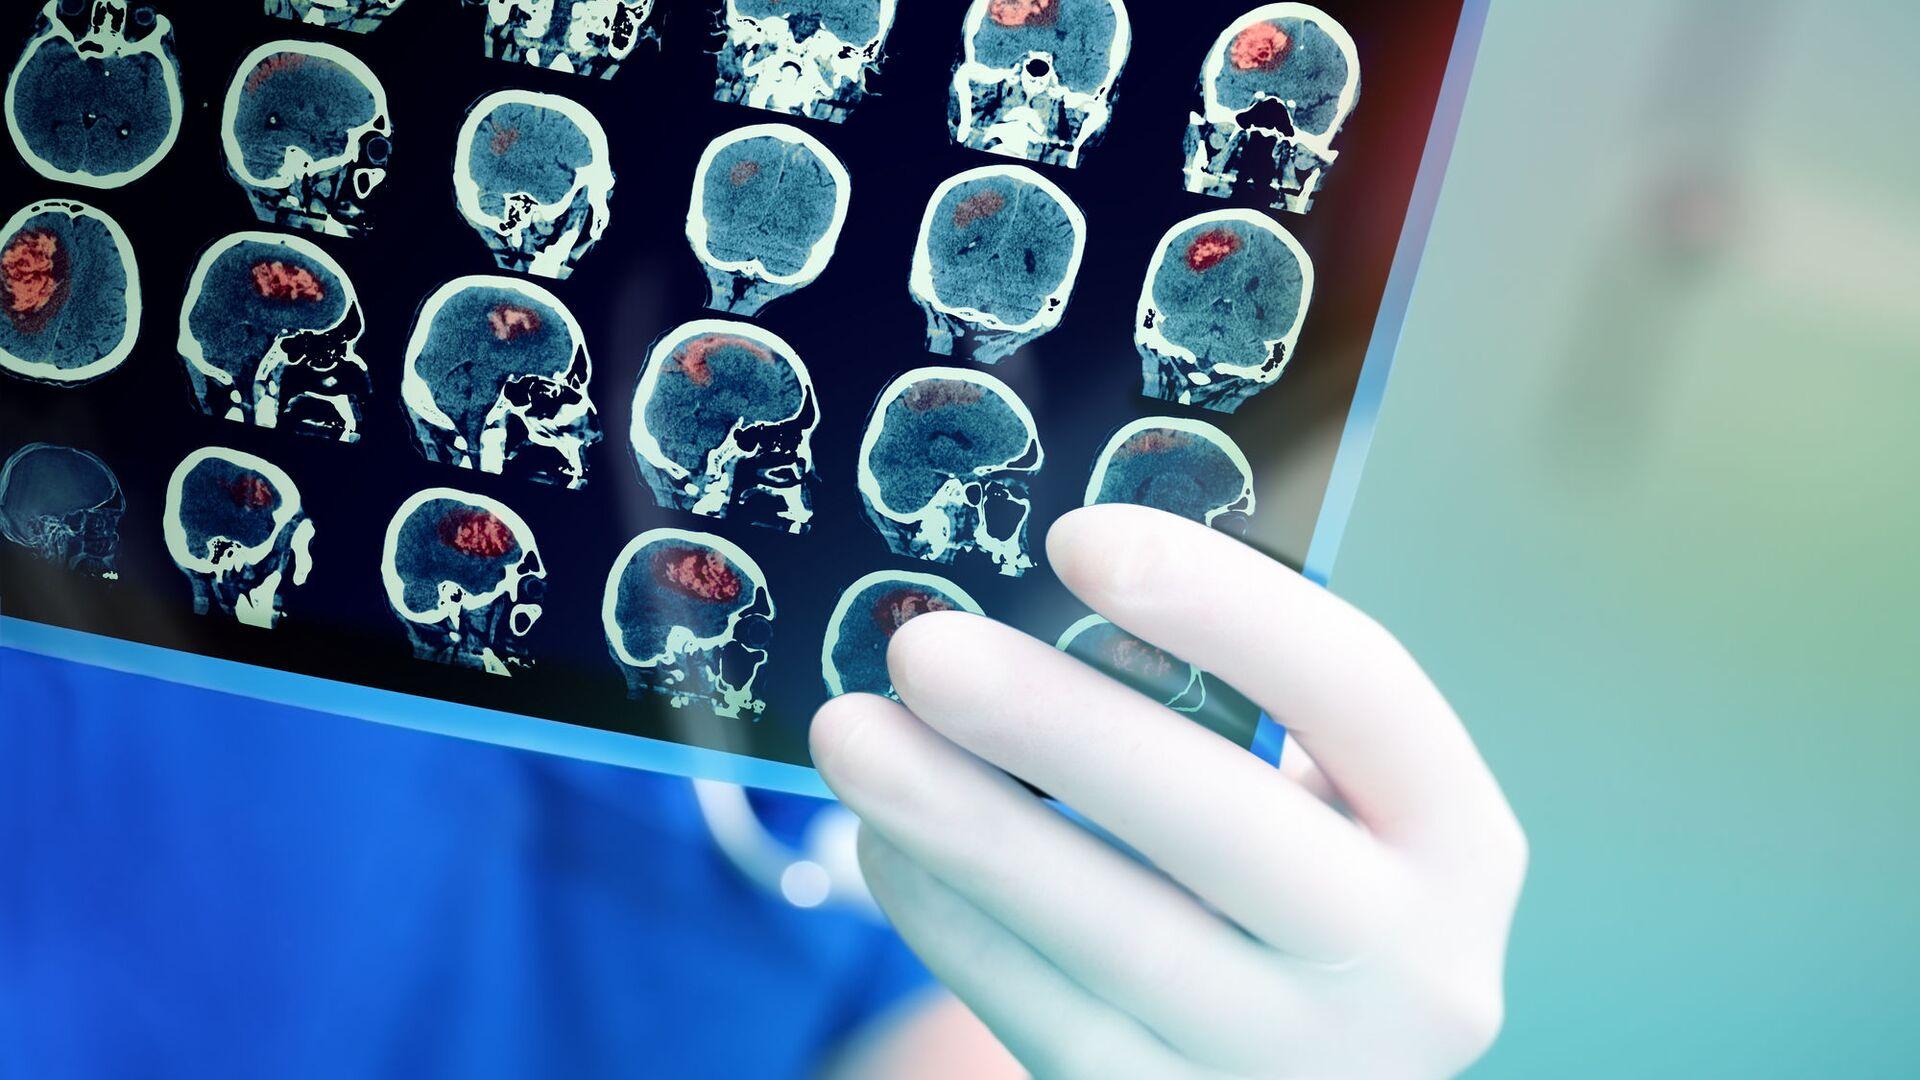 Snímek magnetické rezonance mozku pacienta - Sputnik Česká republika, 1920, 21.04.2021